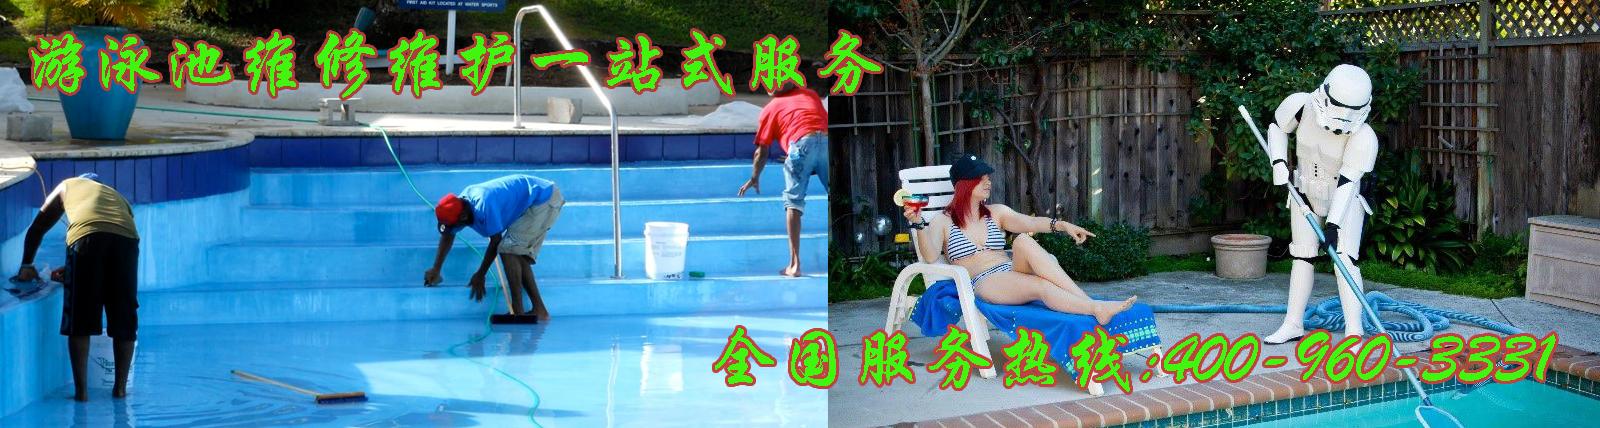 一站式游泳池维修售后解决方案